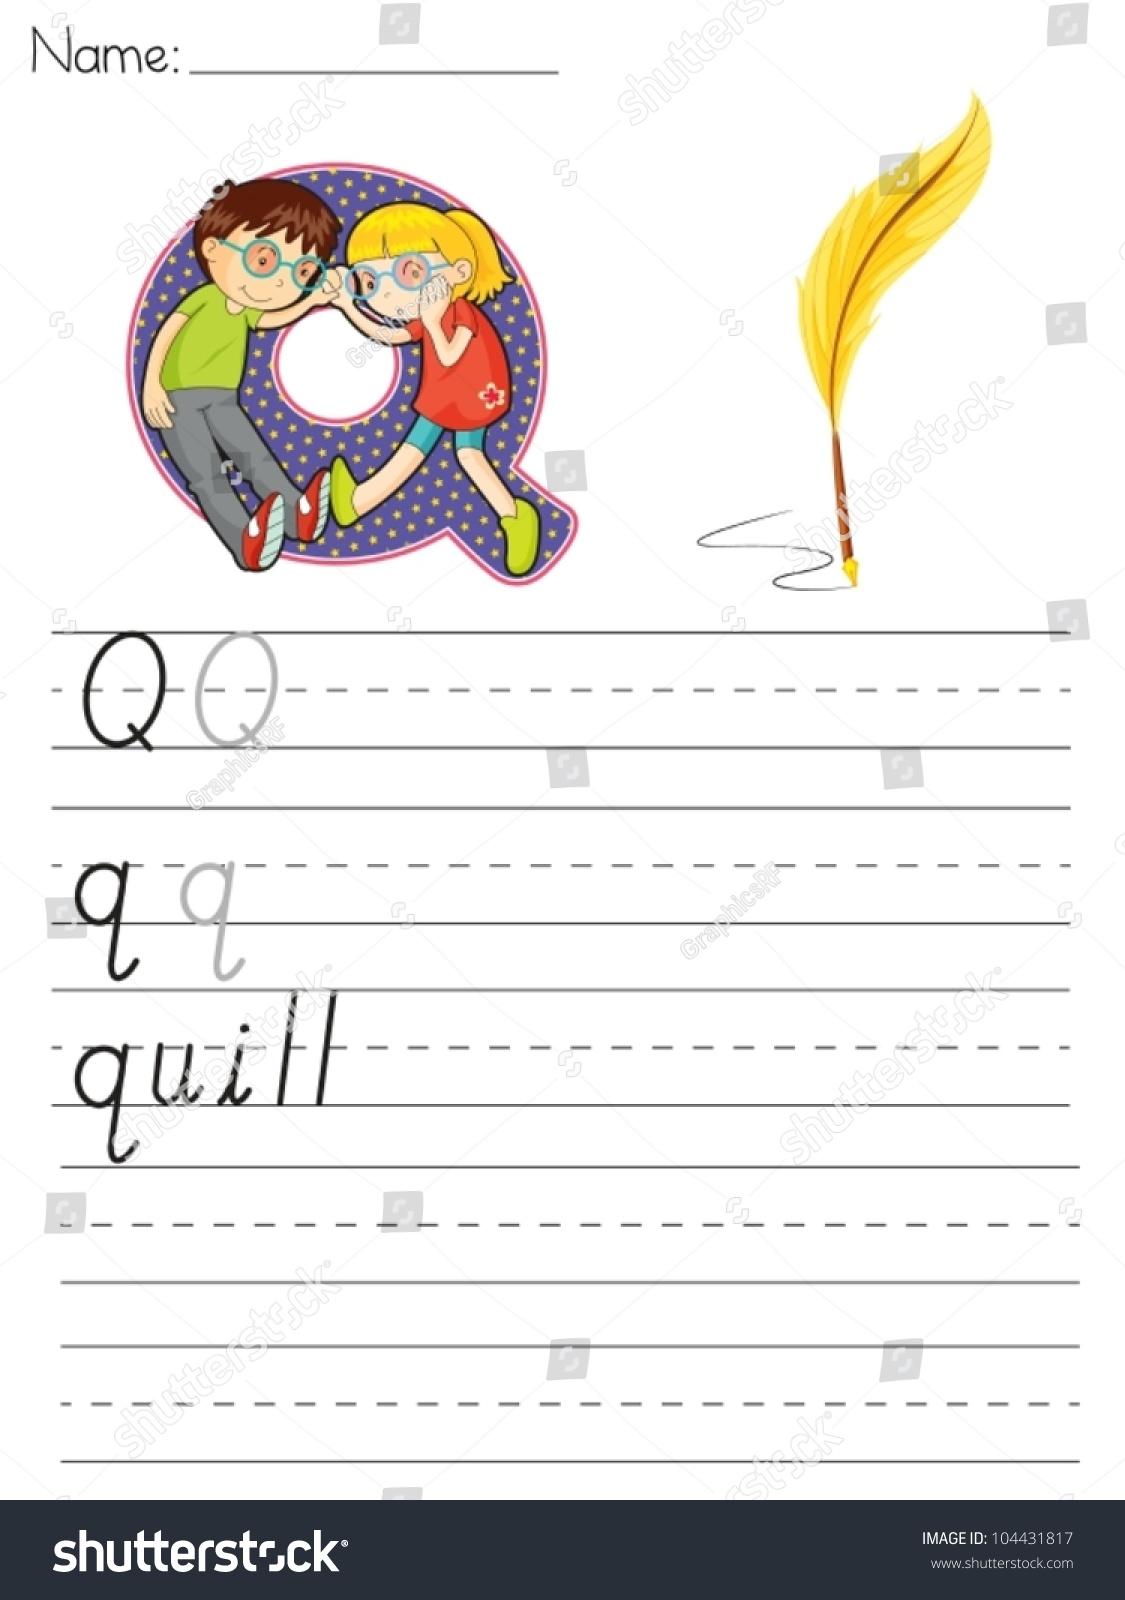 Alphabet Worksheet Of The Letter Q Stock Vector Illustration Shutterstock